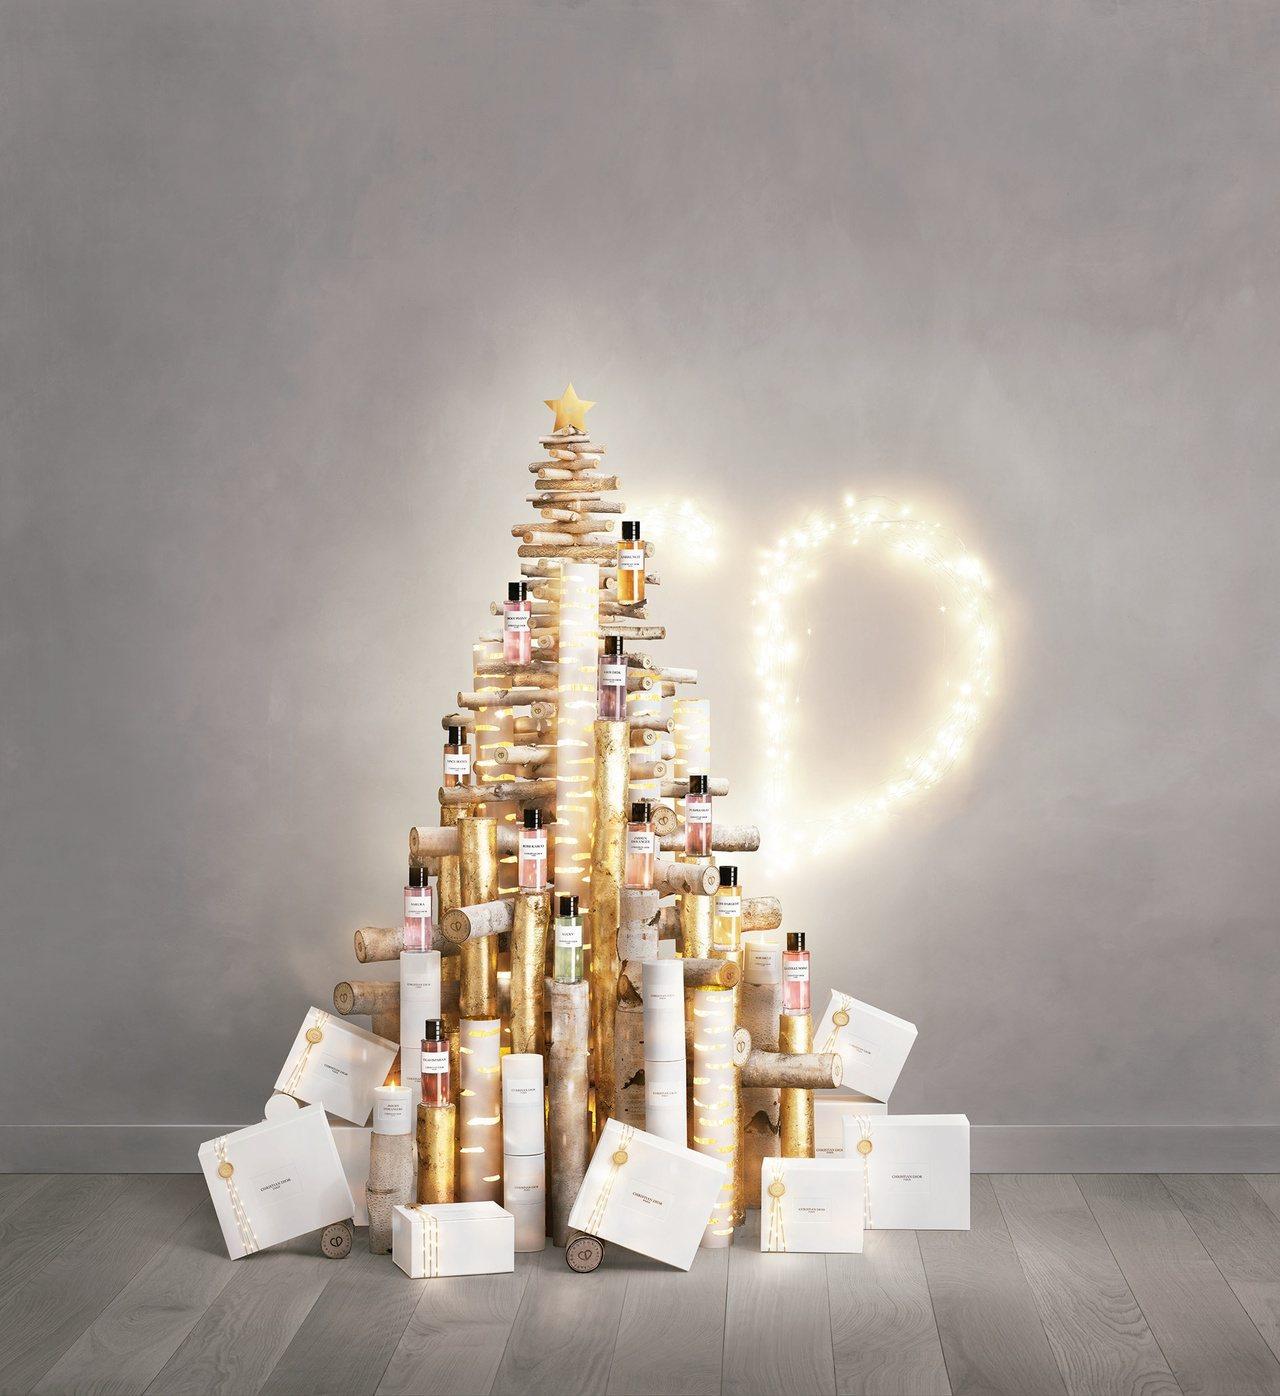 迪奧耶誕倒數日曆內含12款香氛、4款香氛蠟燭、3款潤膚乳霜、2款香氛皂、3款香氛...